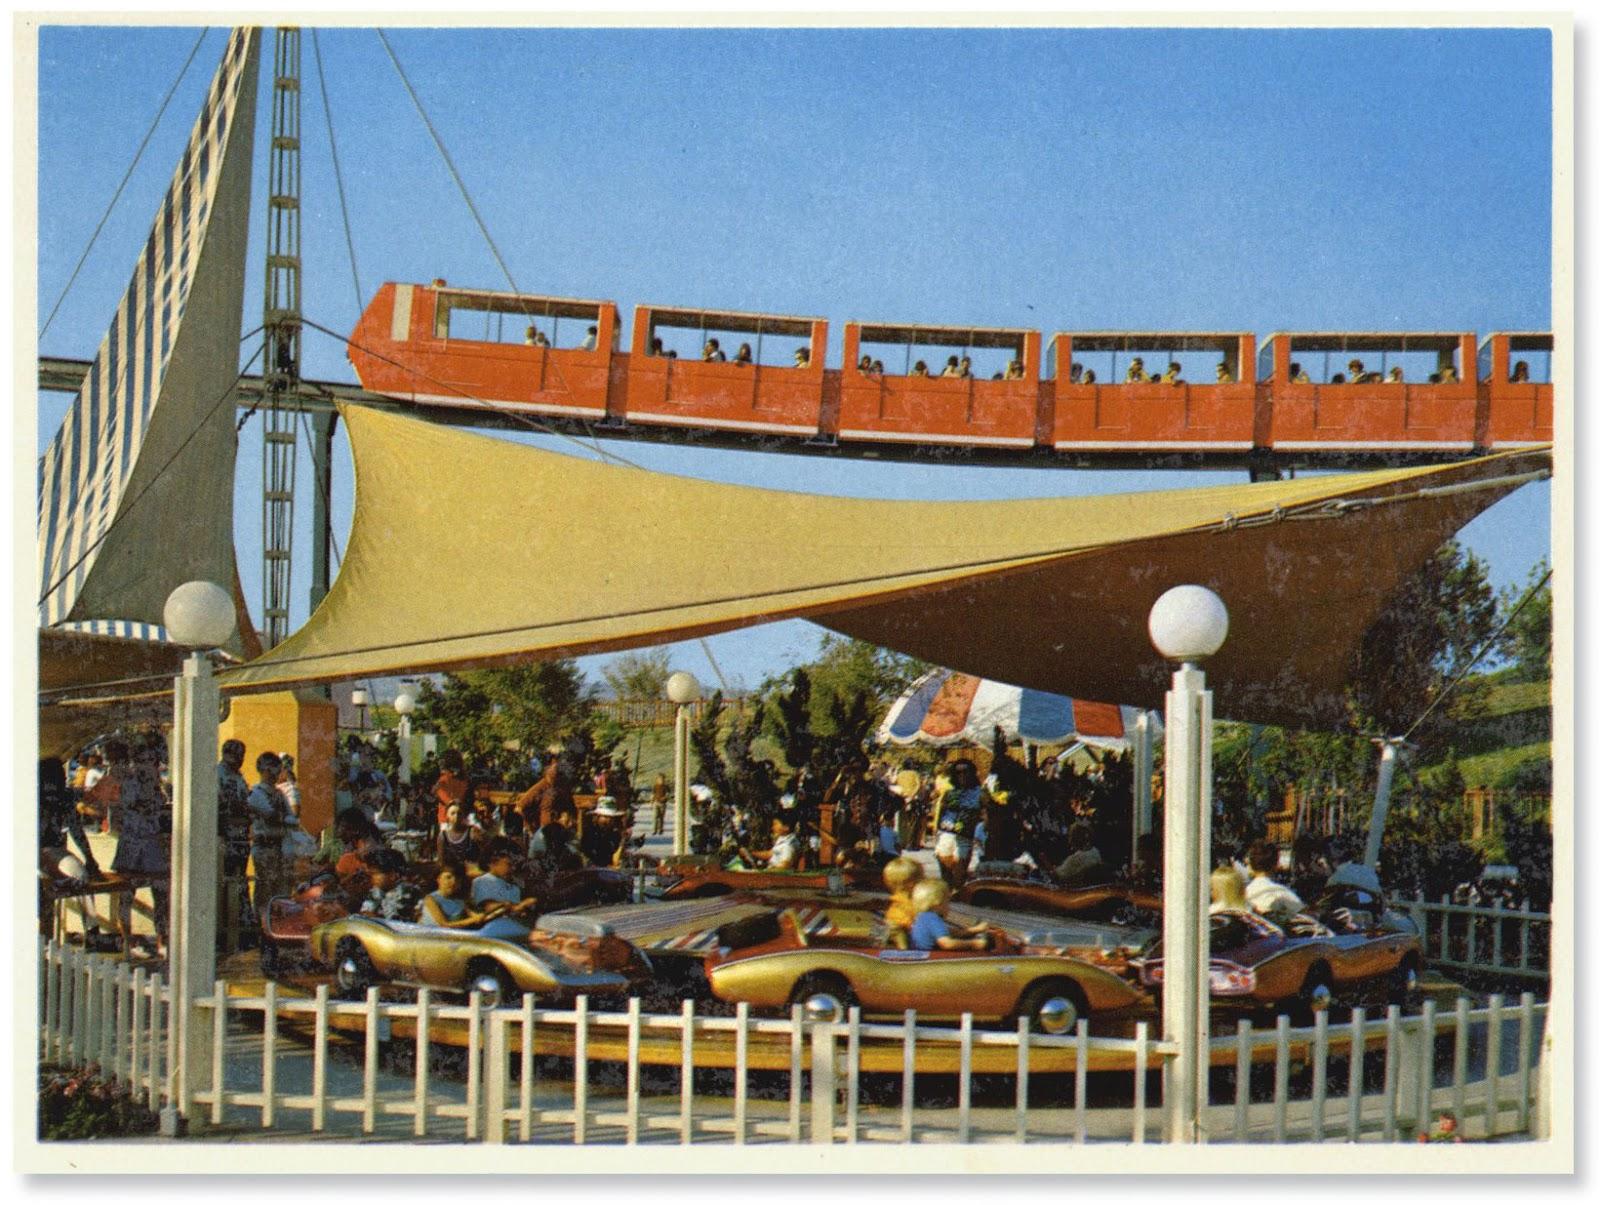 http://4.bp.blogspot.com/-_xN2tEUcXM8/UANmH6DF6kI/AAAAAAAAAak/78ihCUIL3NE/s1600/metro_monorail_card.jpg